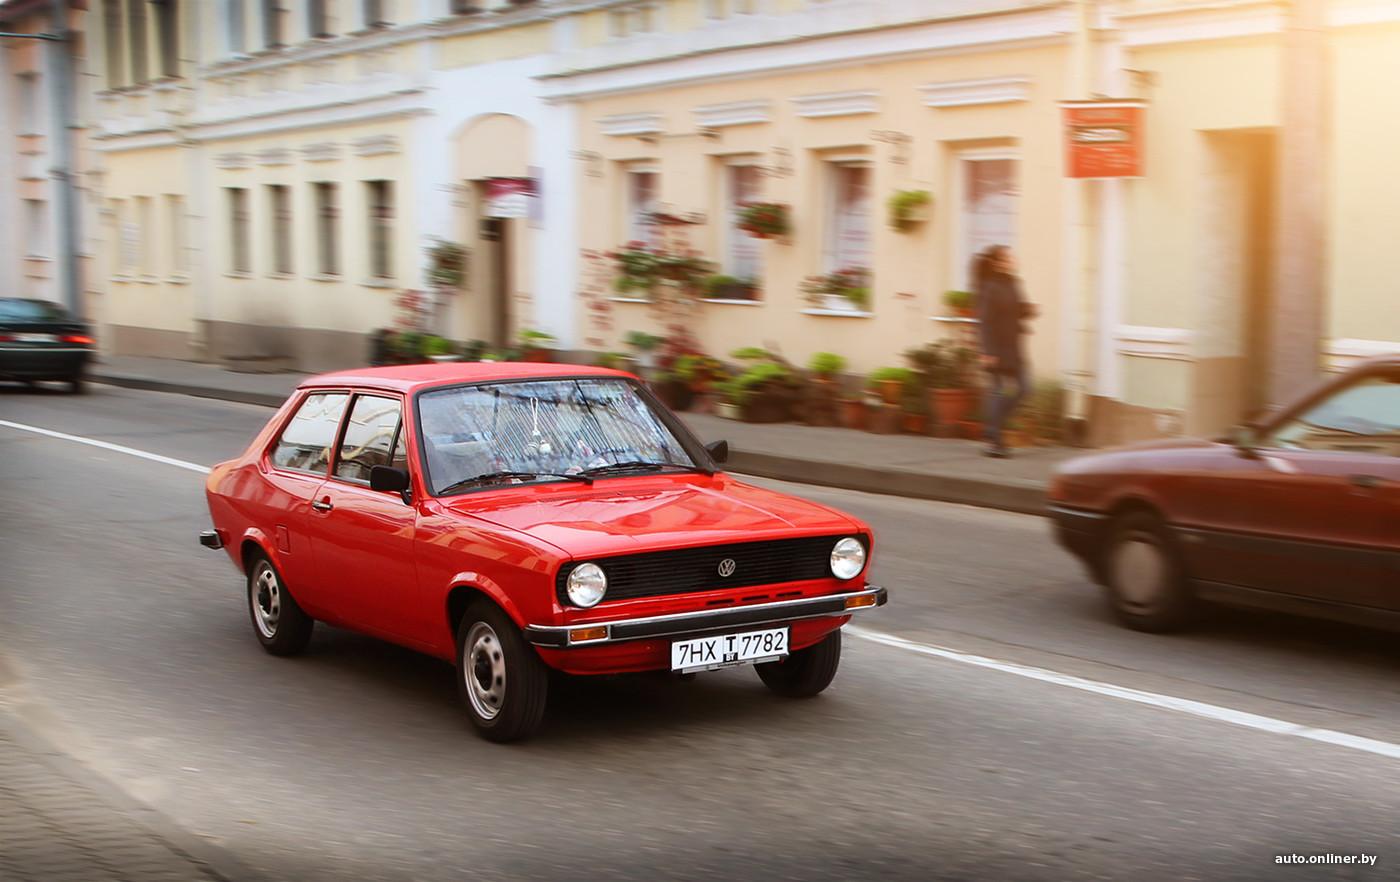 Вы слыхали о таком Volkswagen? Гродненец восстановил Derby из 70-х